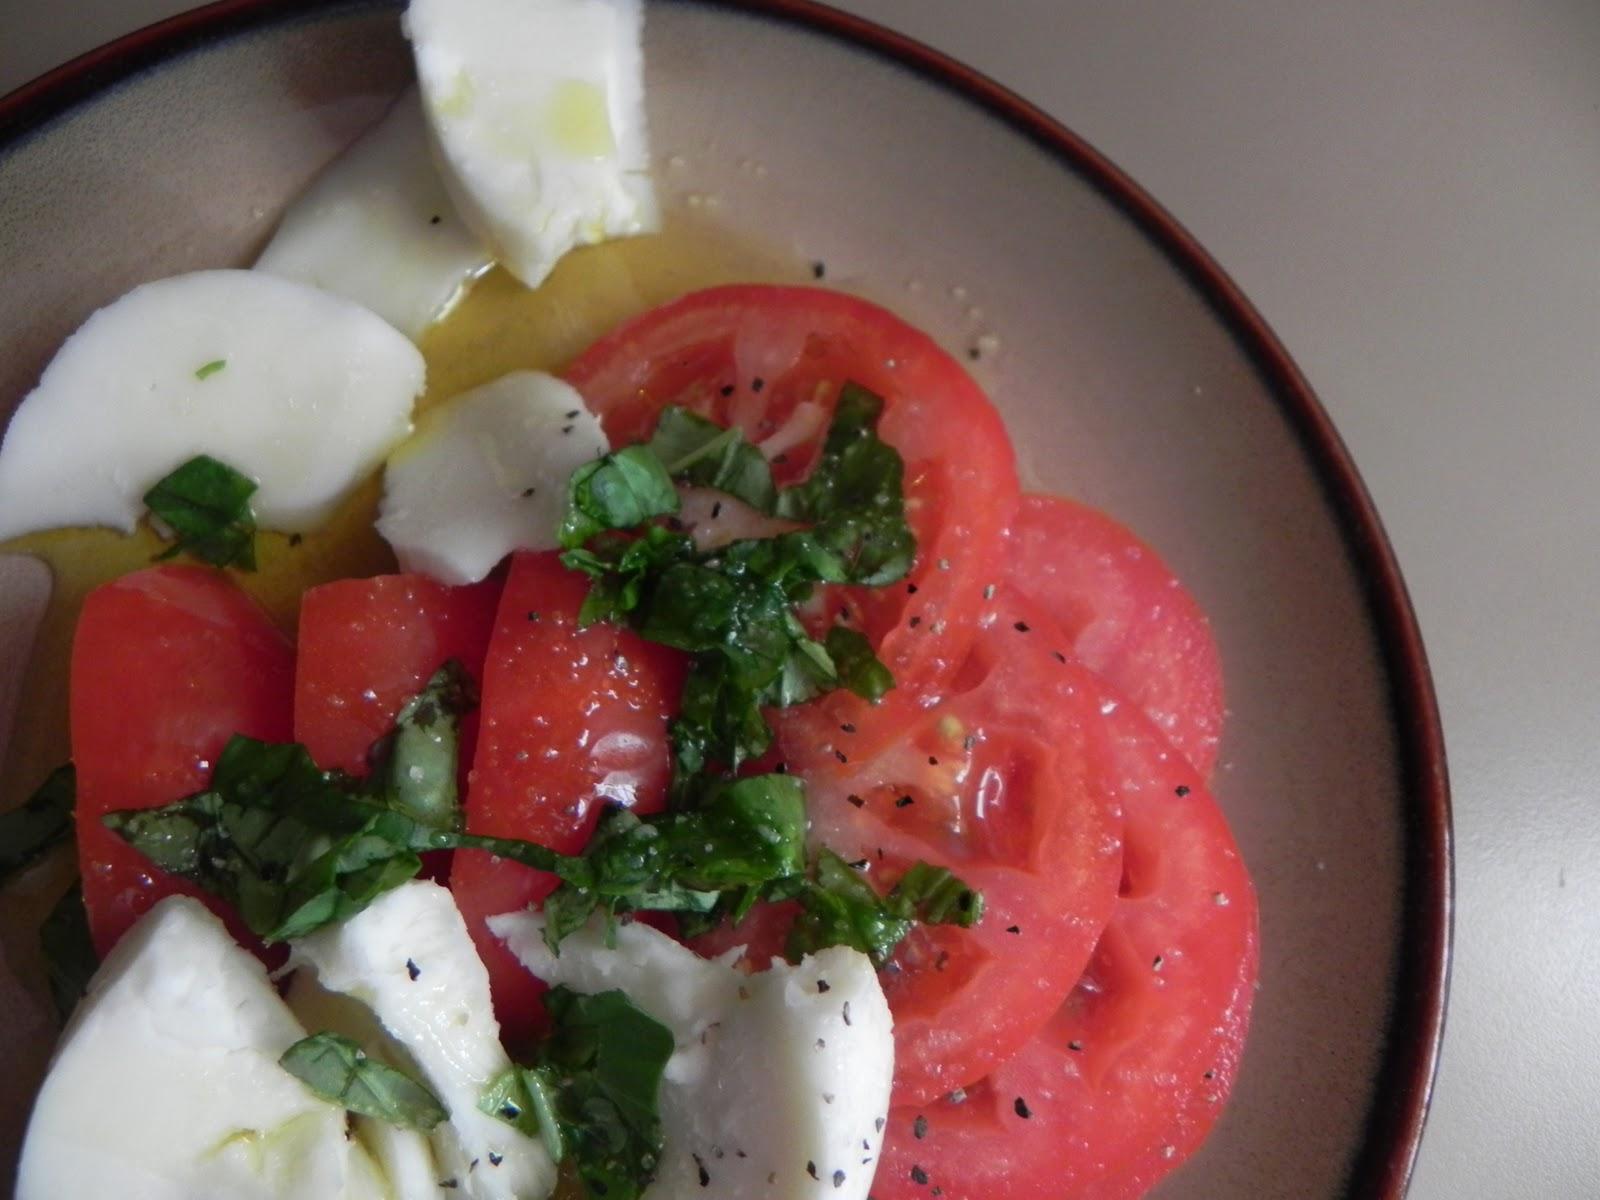 Axiom At Home: Quick Caprese Salad